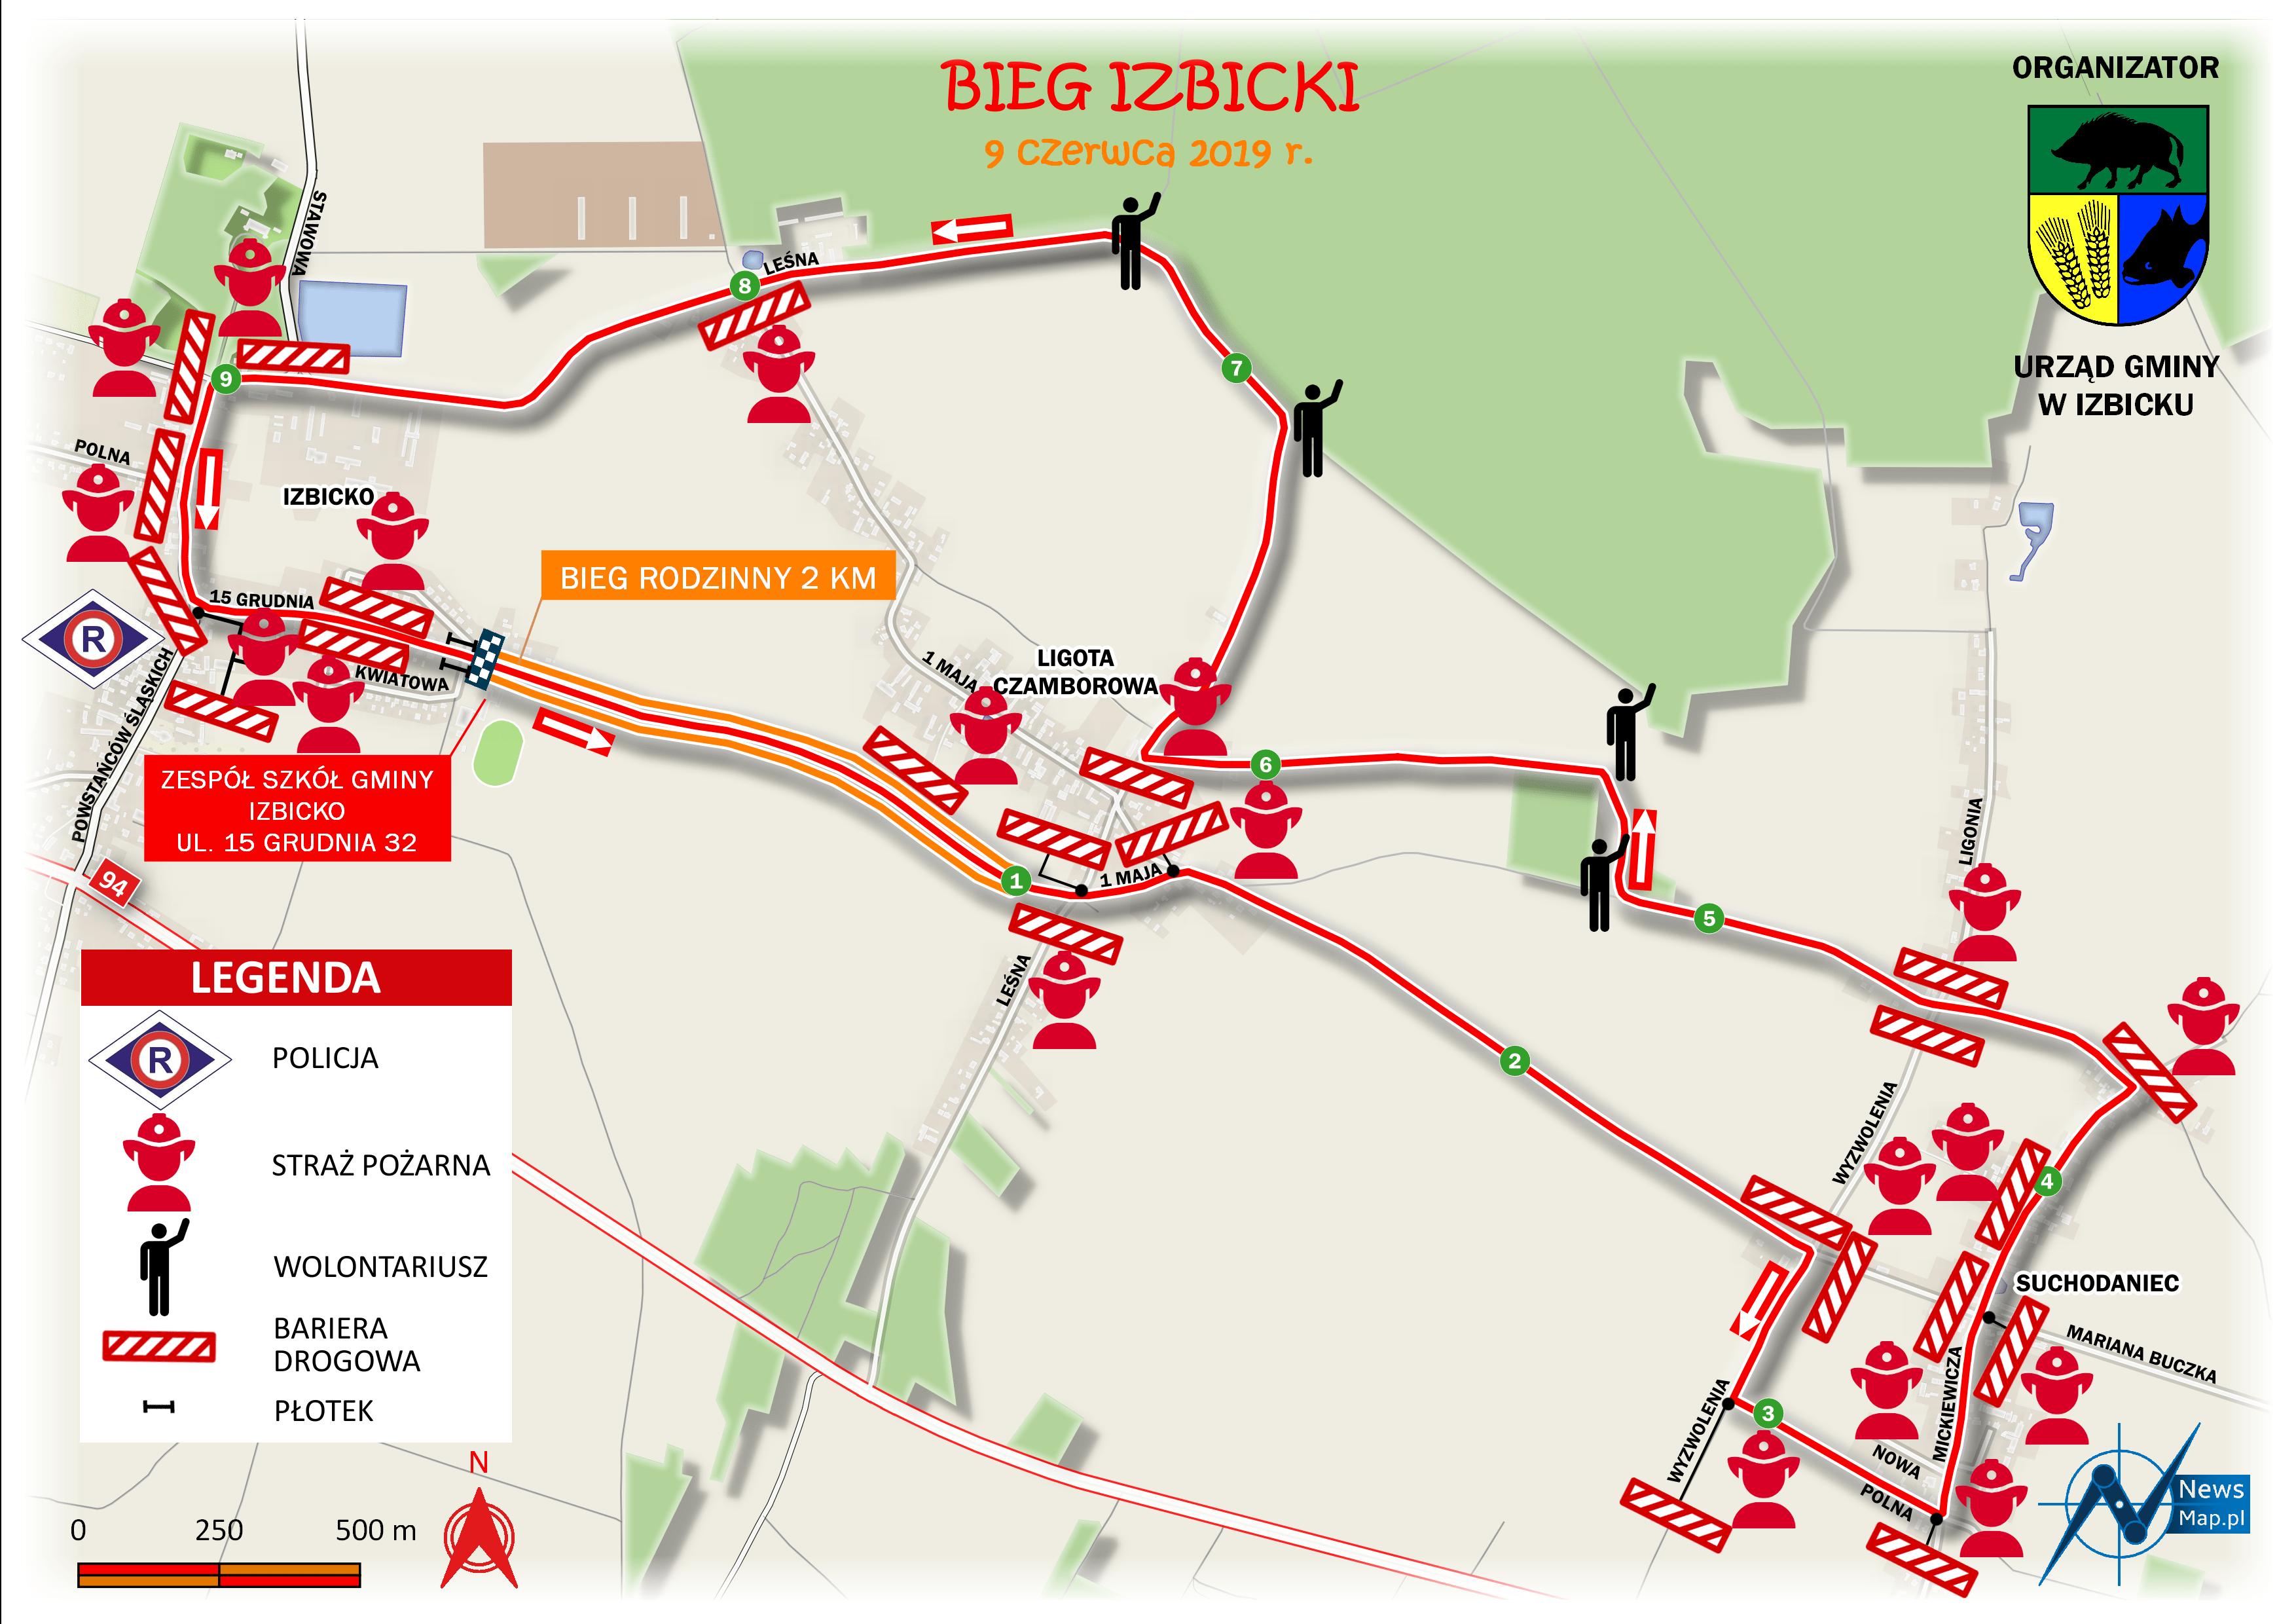 Bieg Izbicki - mapa statyczna z oznaczeniem punktów